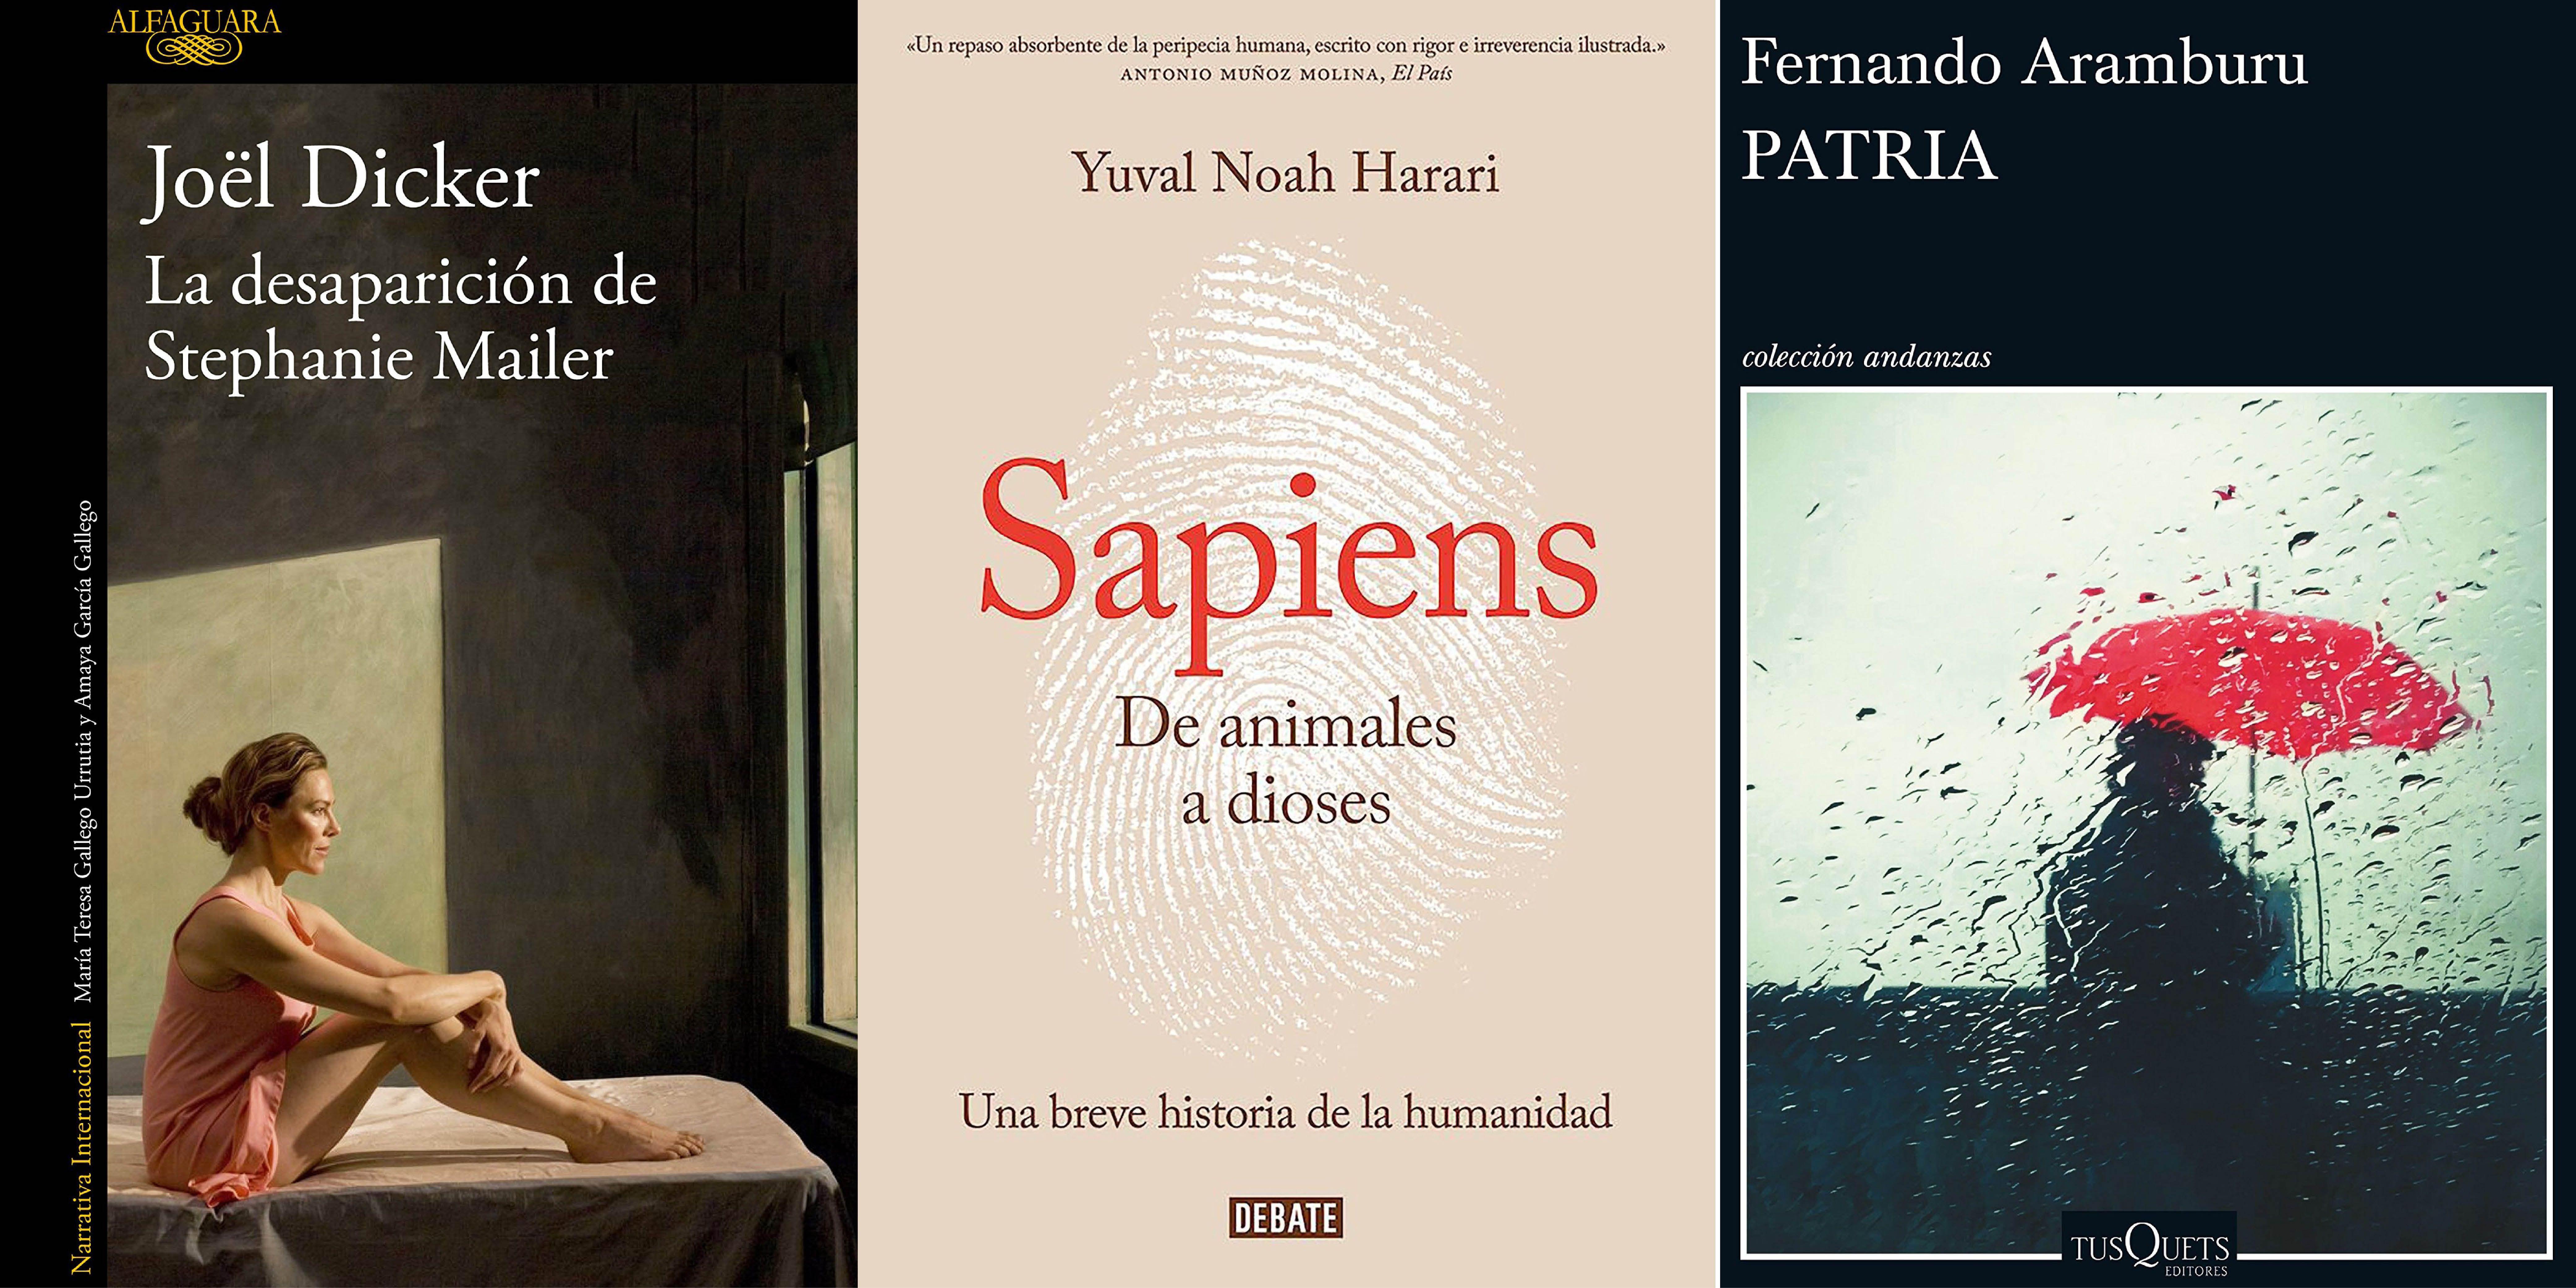 Estos son los 15 libros más vendidos en Amazon ahora mismo